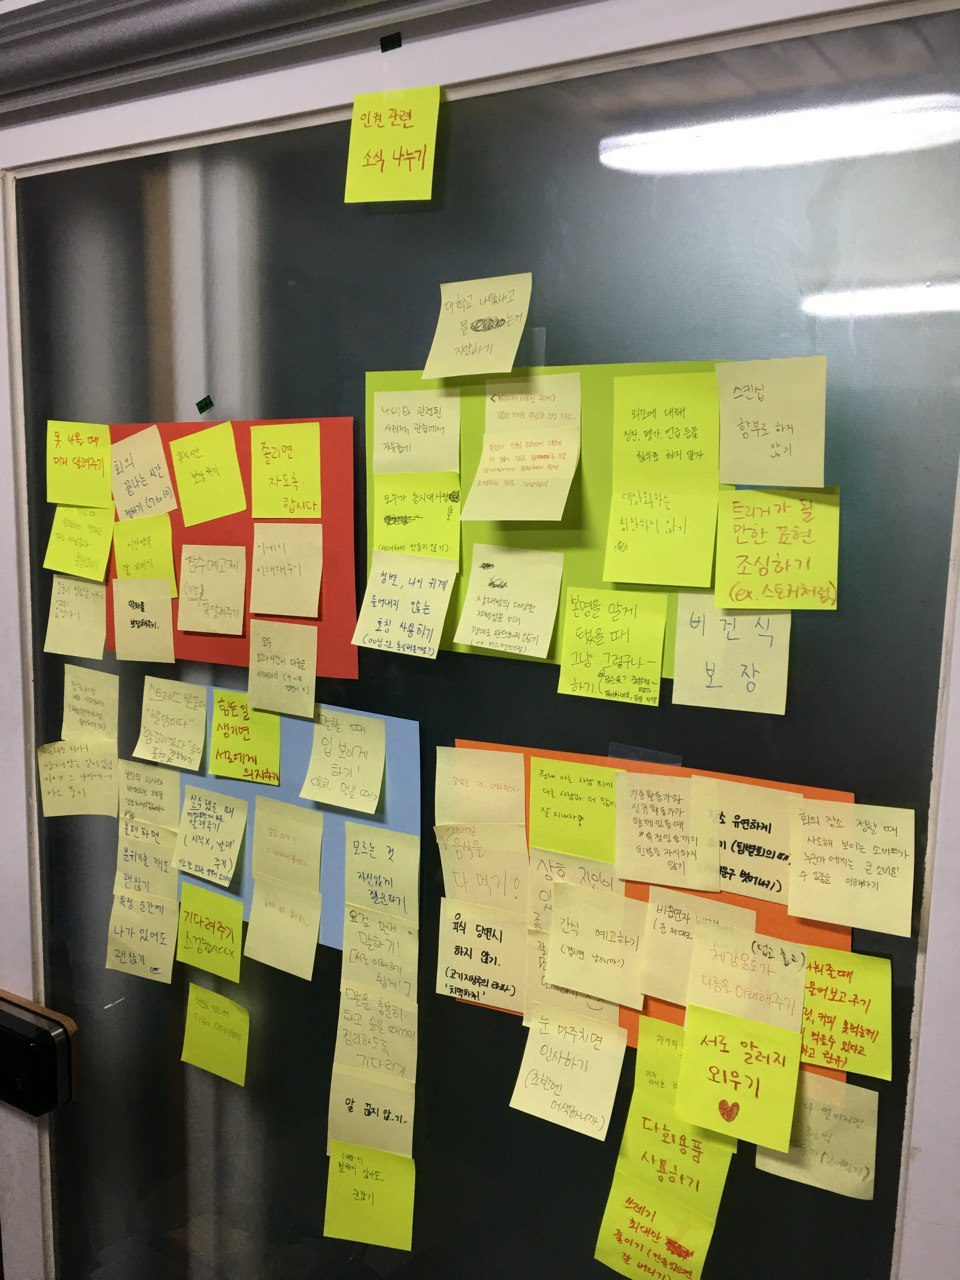 그림2: 유리문에 자원활동가들이 적은 60여 개의 포스트잇이 부착되어있다. 포스트잇에는 24회 서울인권영화제 자원활동을 하며 지켰으면 하는 약속들이 적혀 있다.